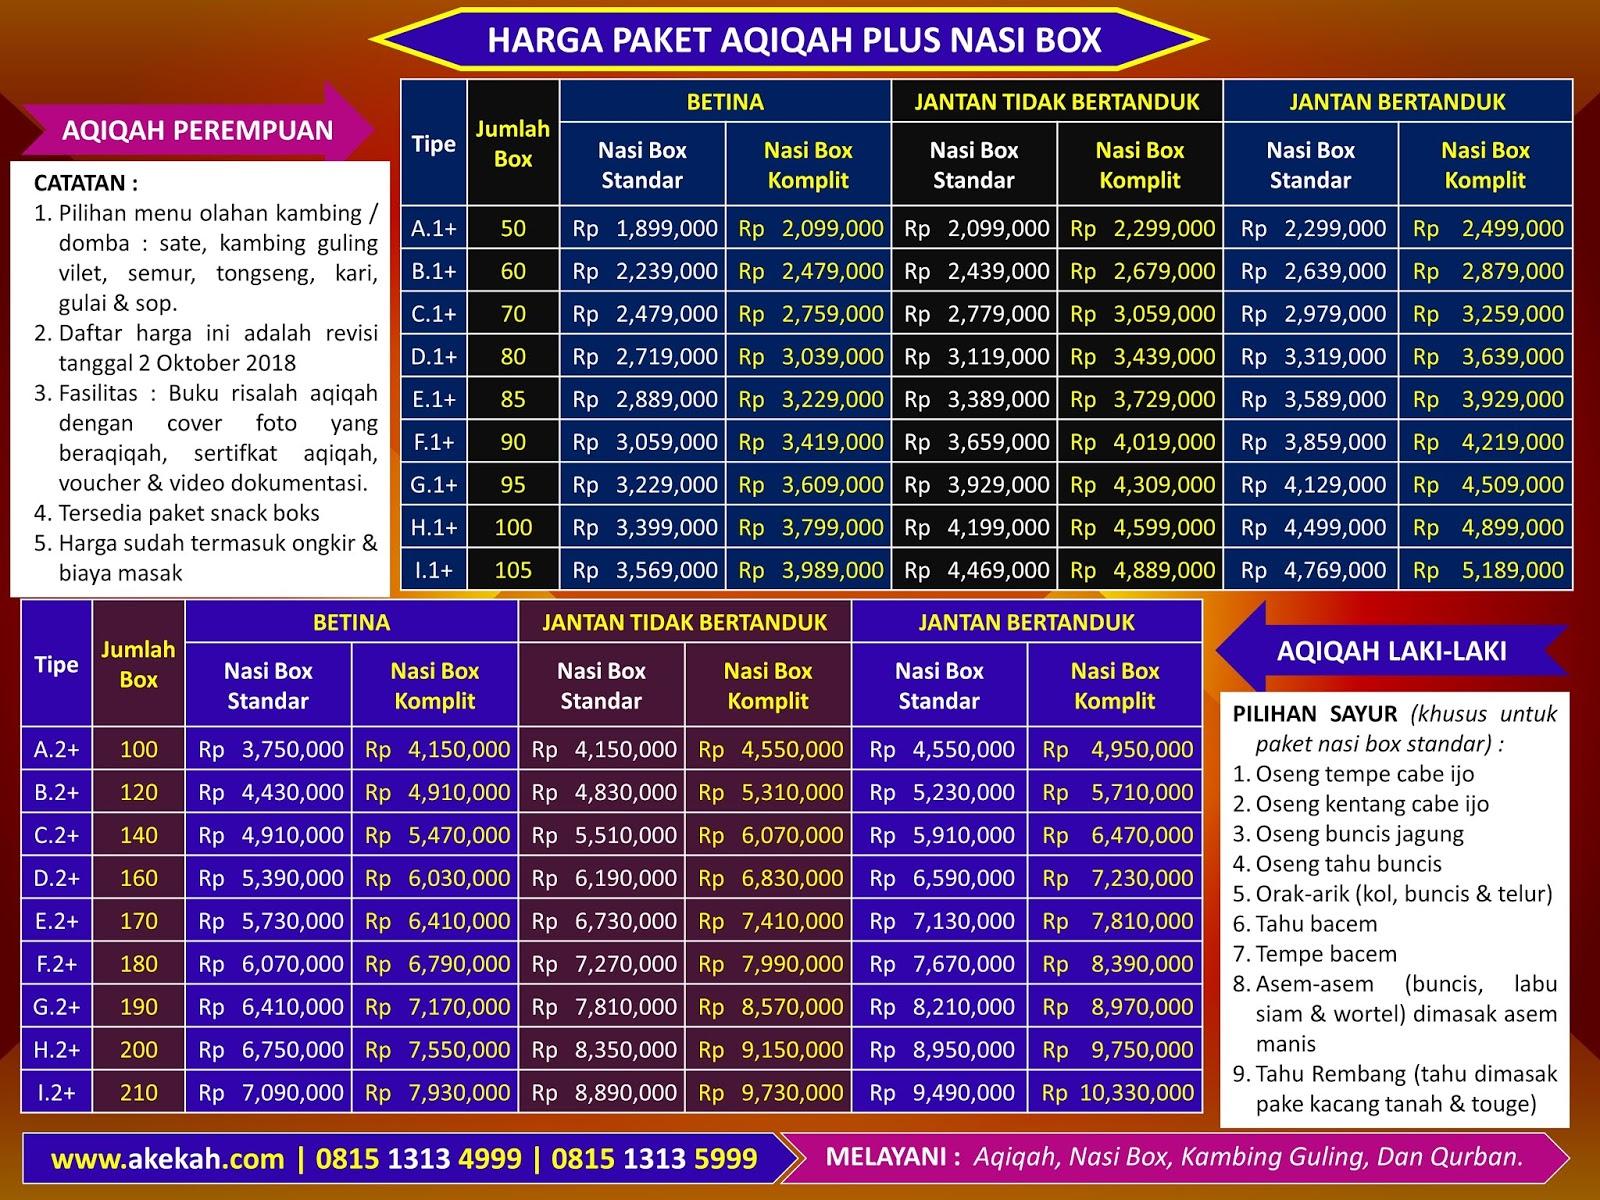 Jasa Aqiqah & Catering Murah Untuk Laki-Laki Di Daerah Bogor Jawa Barat